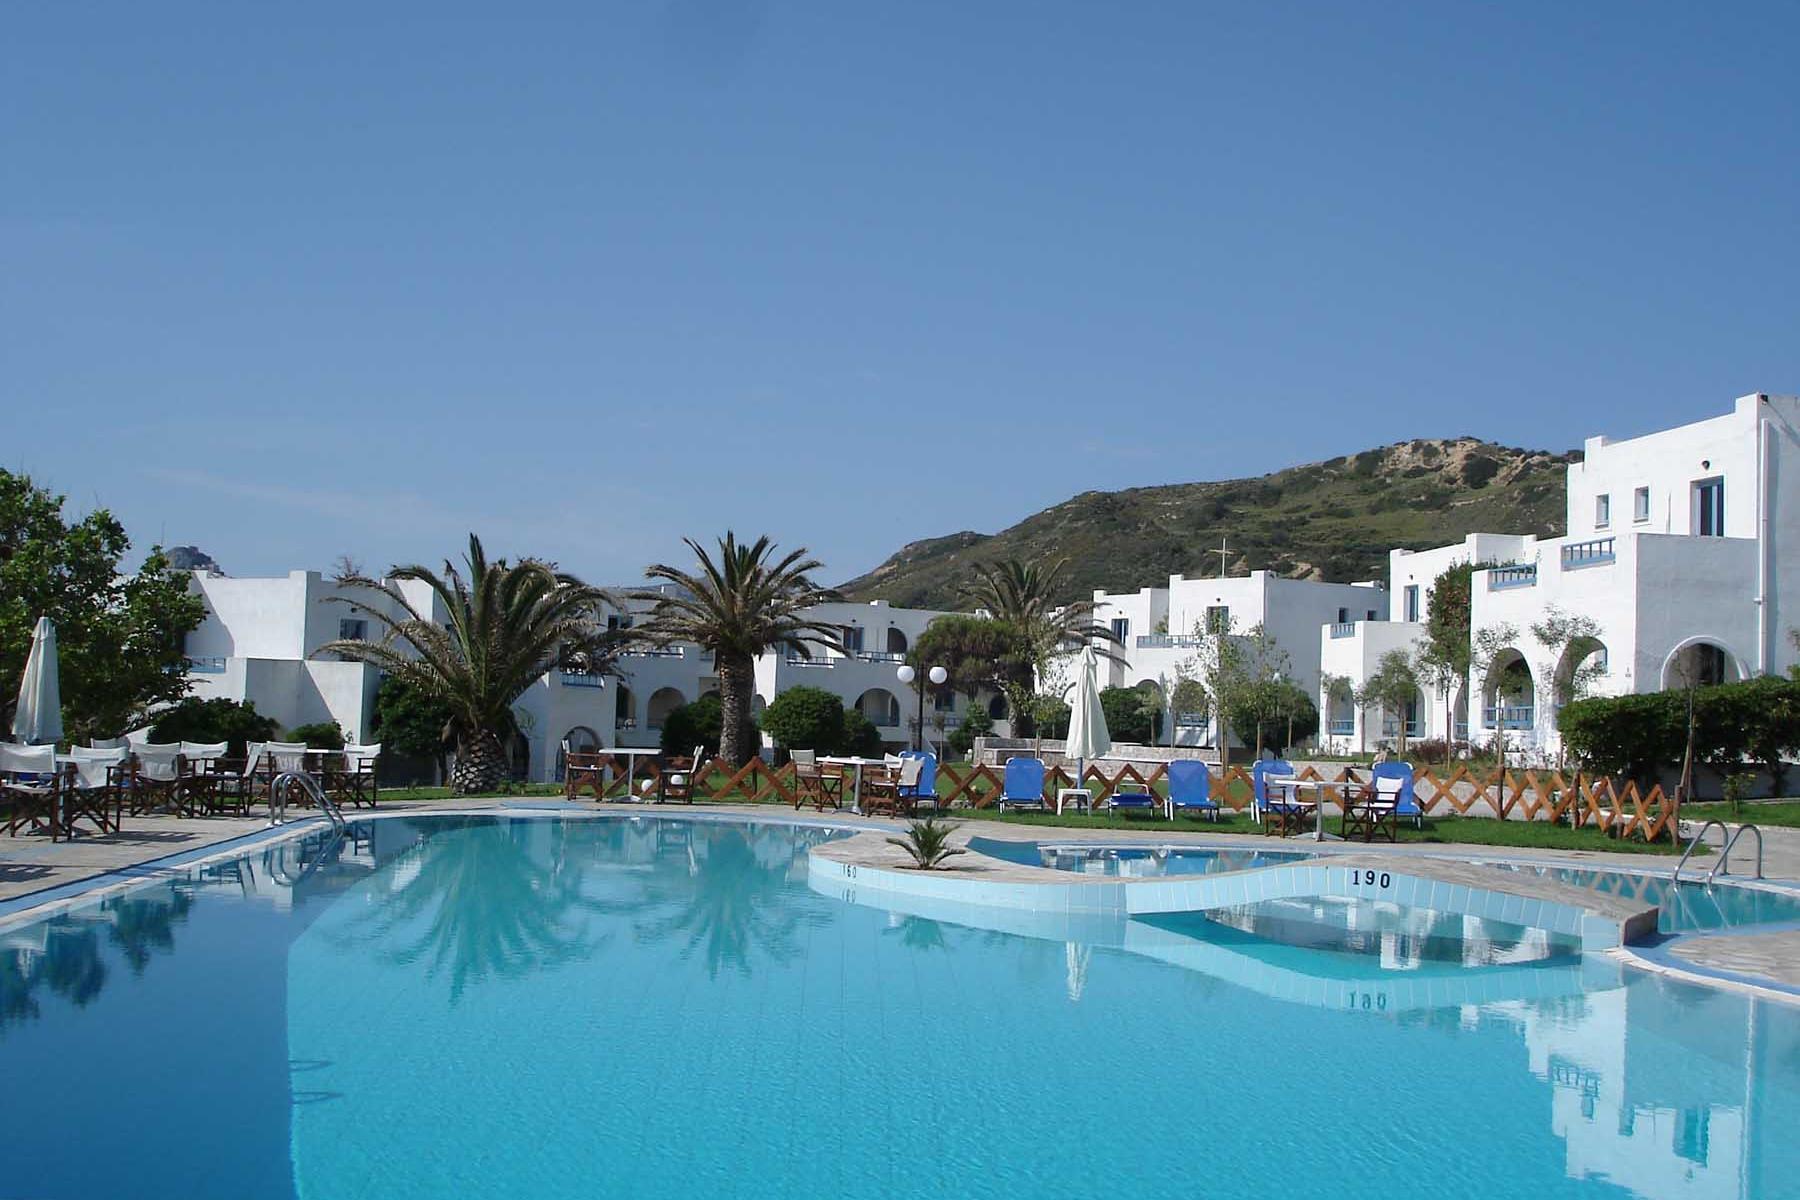 Διακοπές στο Skiros Palace 4* στη Σκύρο | Imagination Travel